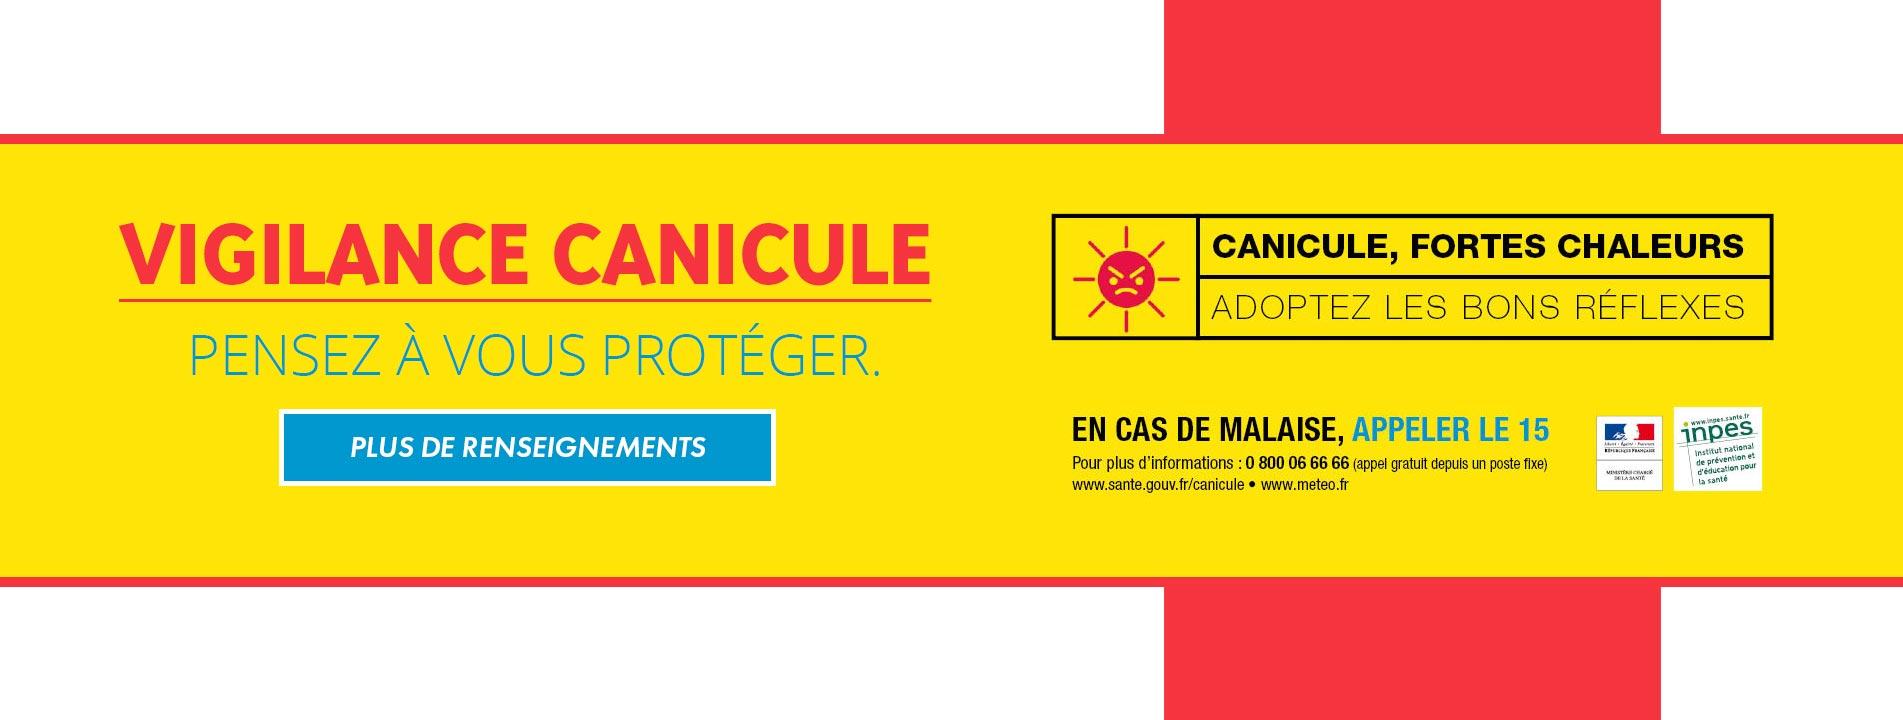 VIGILANCE CANICULE - En cas de malaise appelez le 15